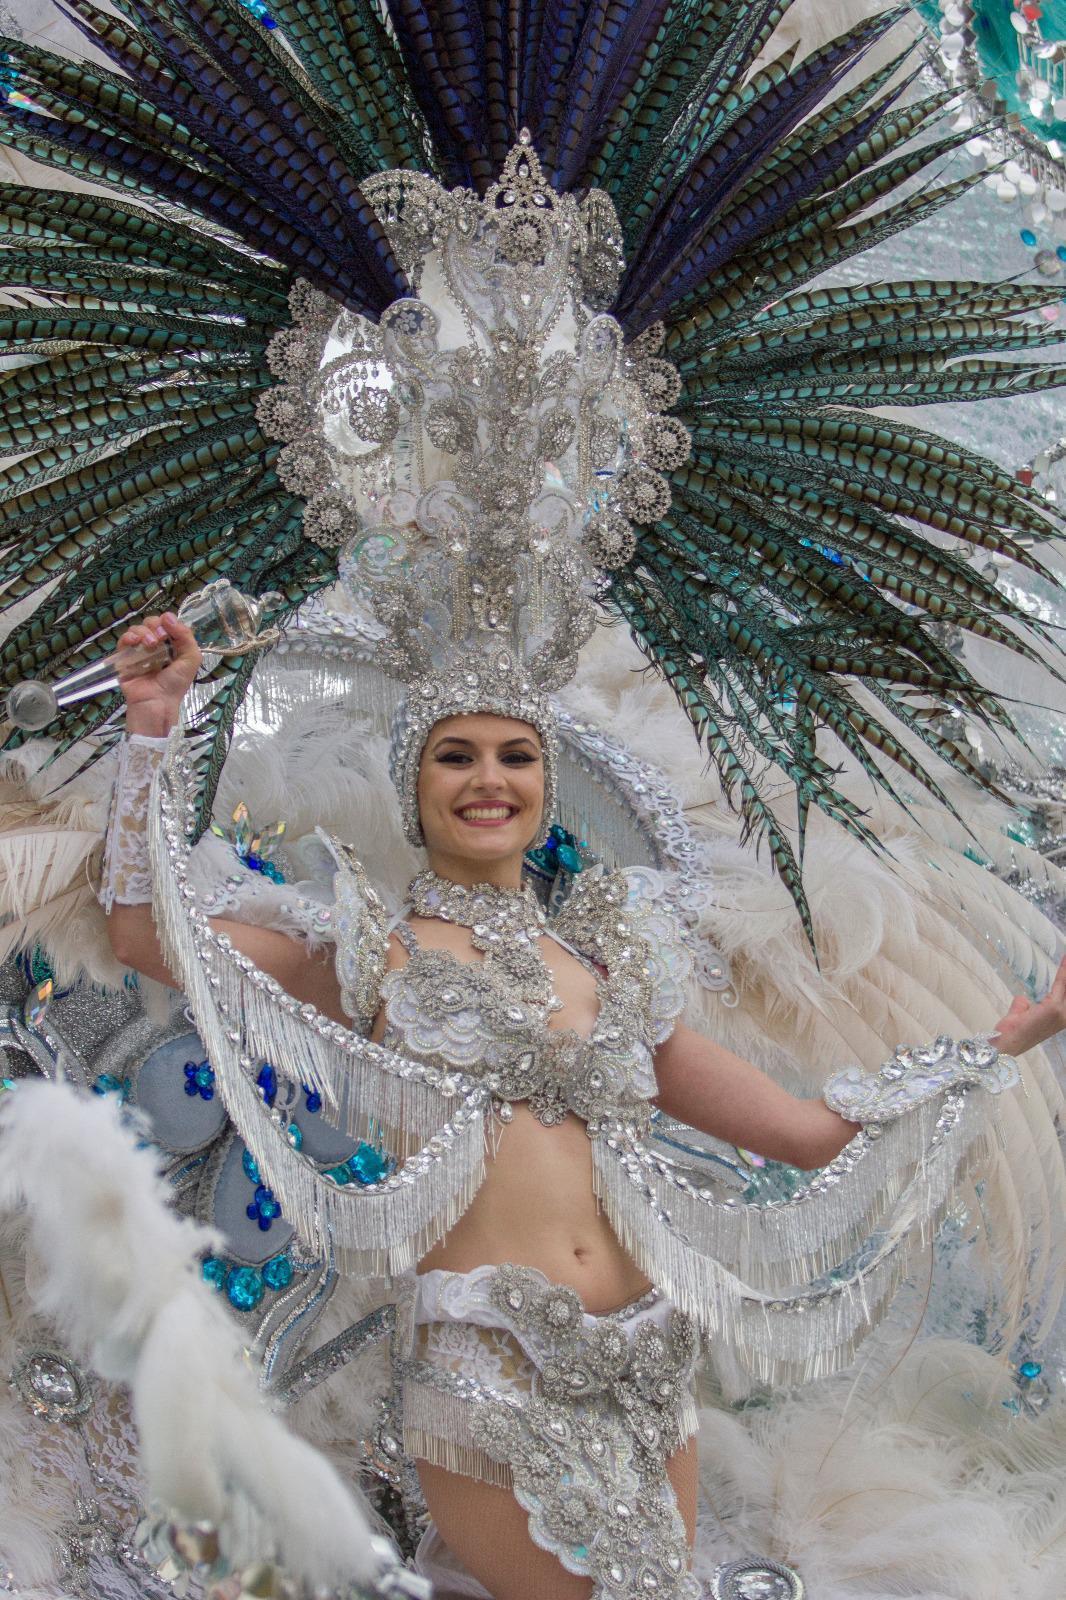 El Coso Apoteósico del Carnaval de Los Cristianos llena el centro de la ciudad con más de 35.000 personas